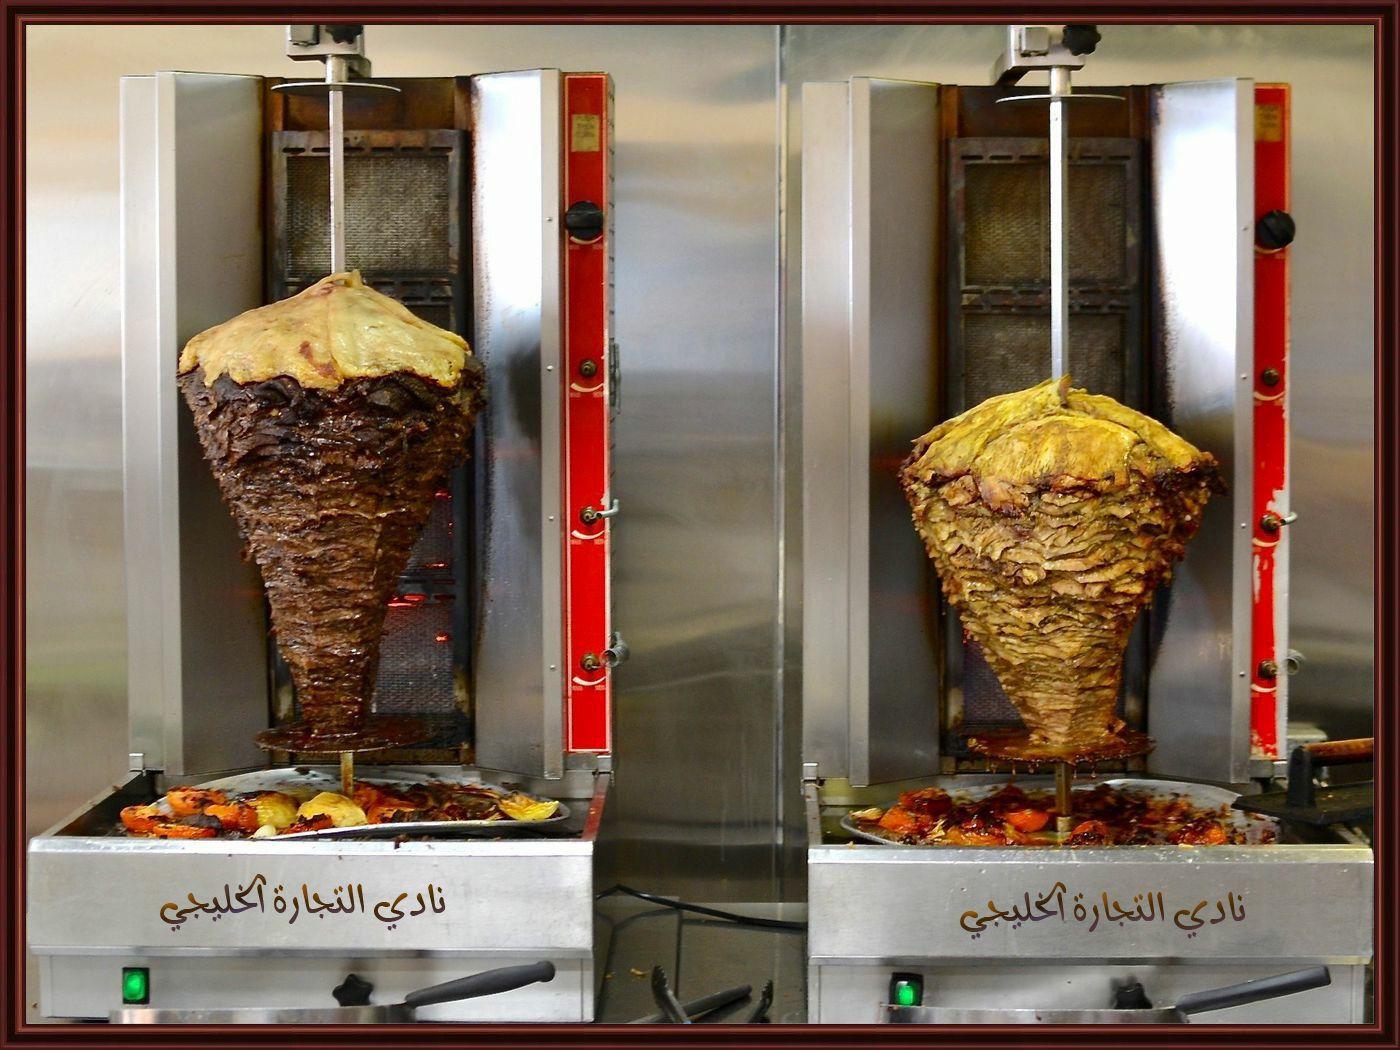 مطعم شاورما في السعودية مشروع صغير ناجح كافة التفاصيل تجدها هنا Gem Restaurant Shawarma Los Angeles Restaurants